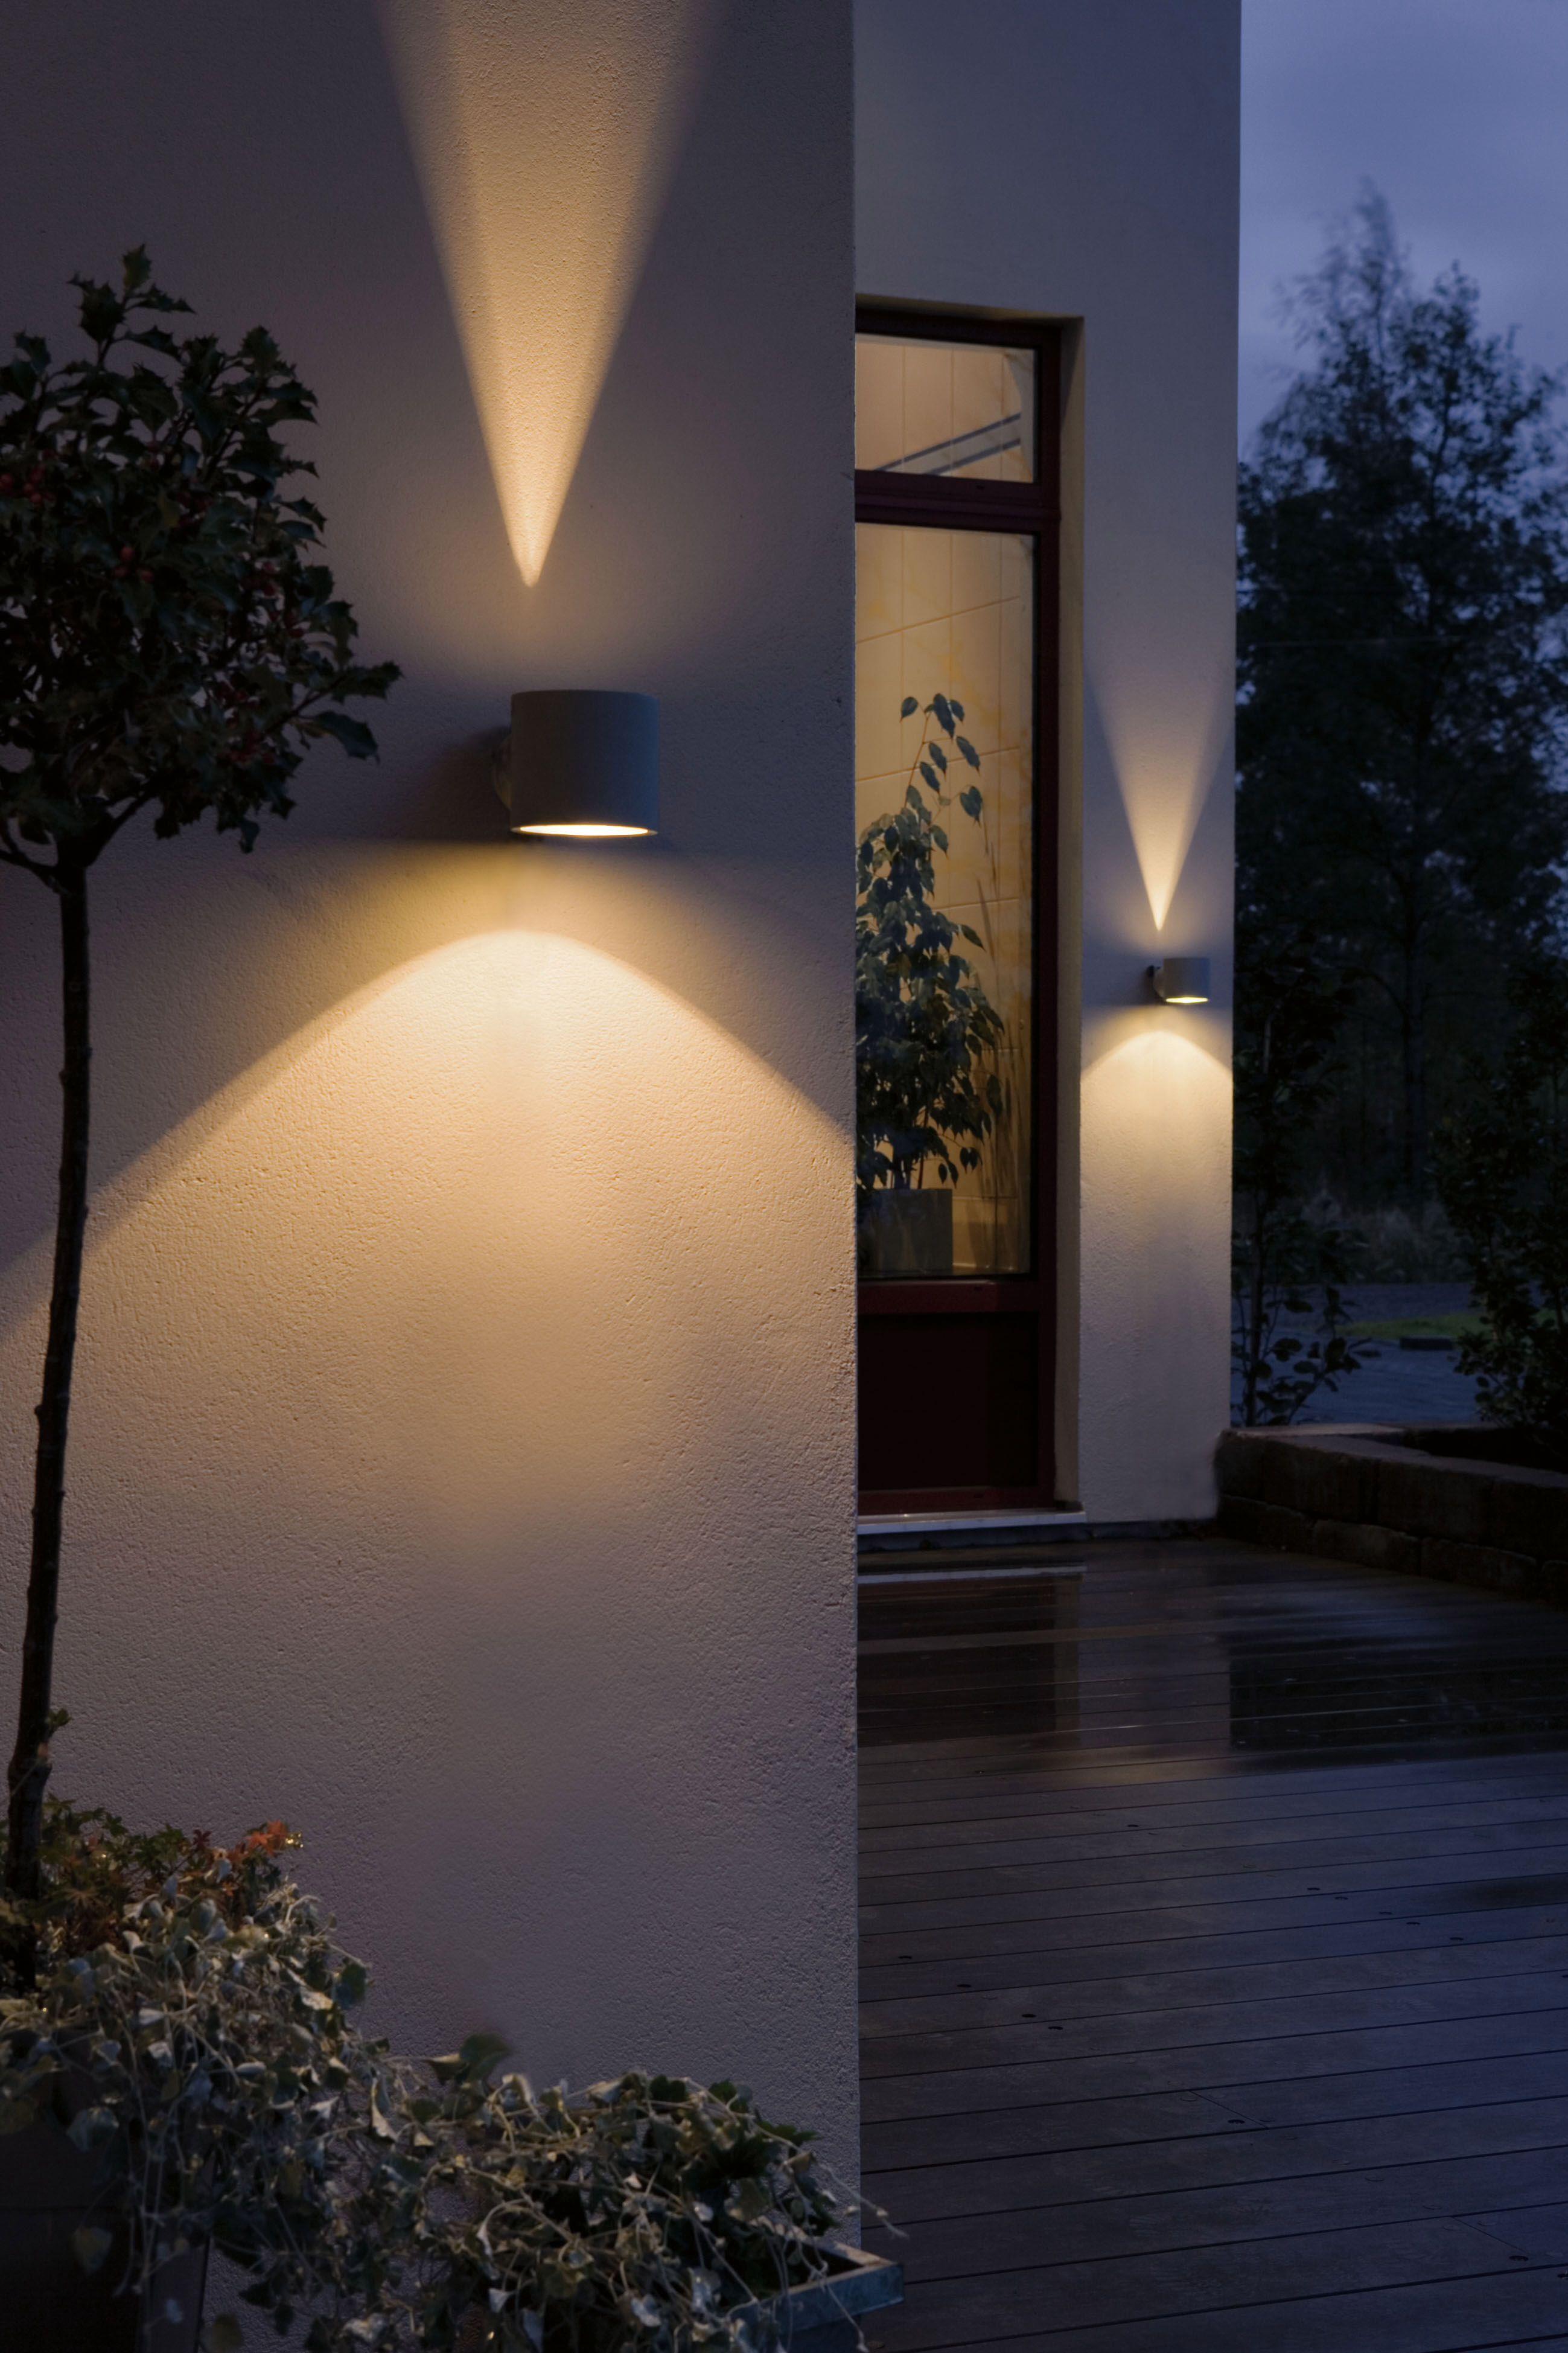 Pin Von Francisco Marins Auf Indirekte Hausbeleuchtung In 2020 Beleuchtungsideen Beleuchtung Fassadenbeleuchtung